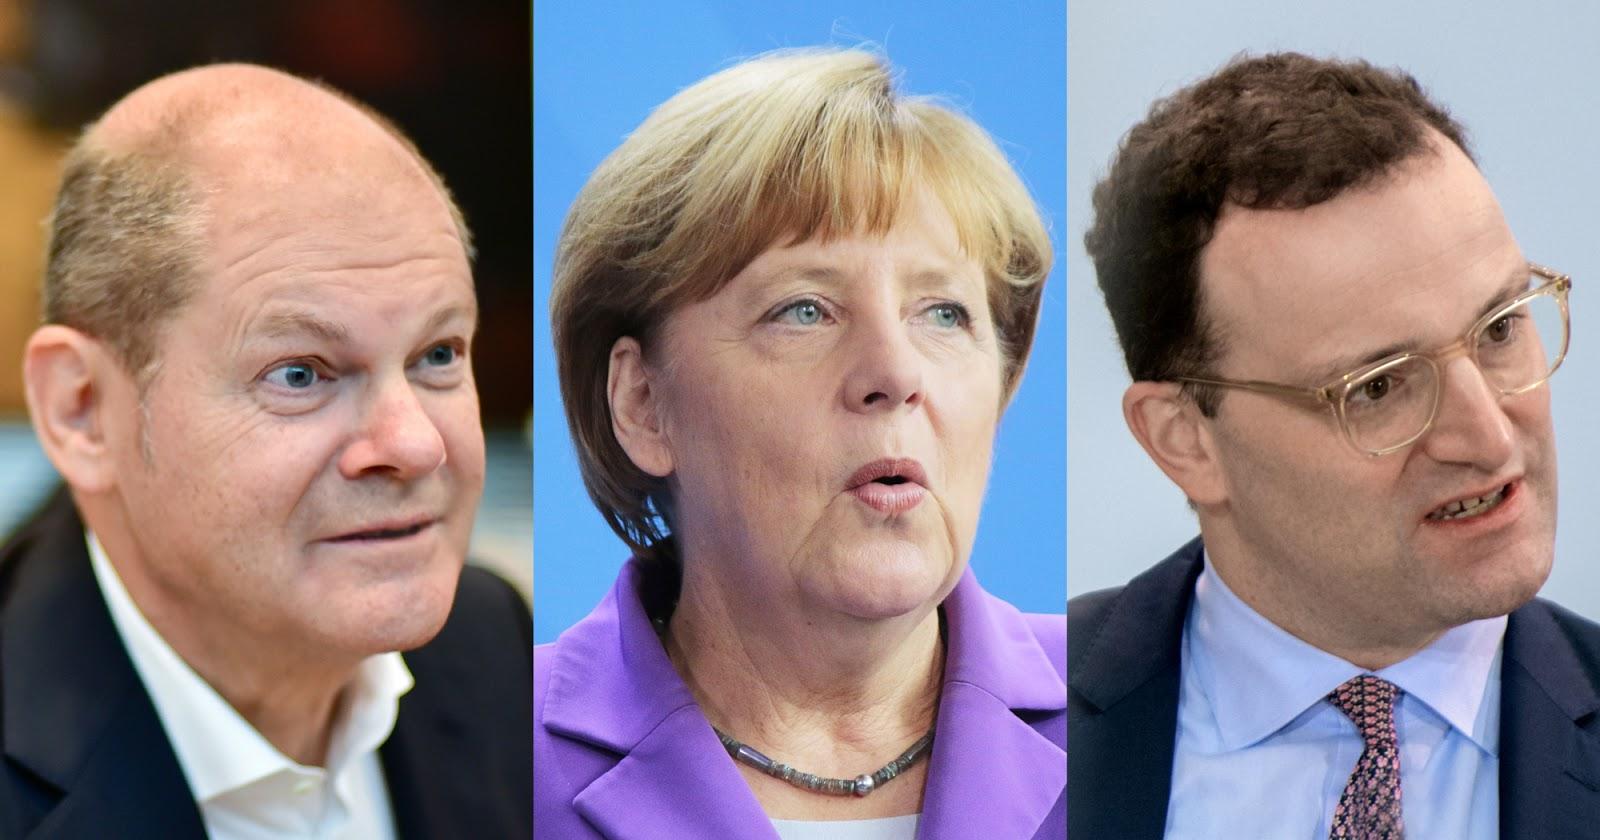 Regierung probt schon mal überraschte Gesichter für dann, wenn die dritte Welle da ist